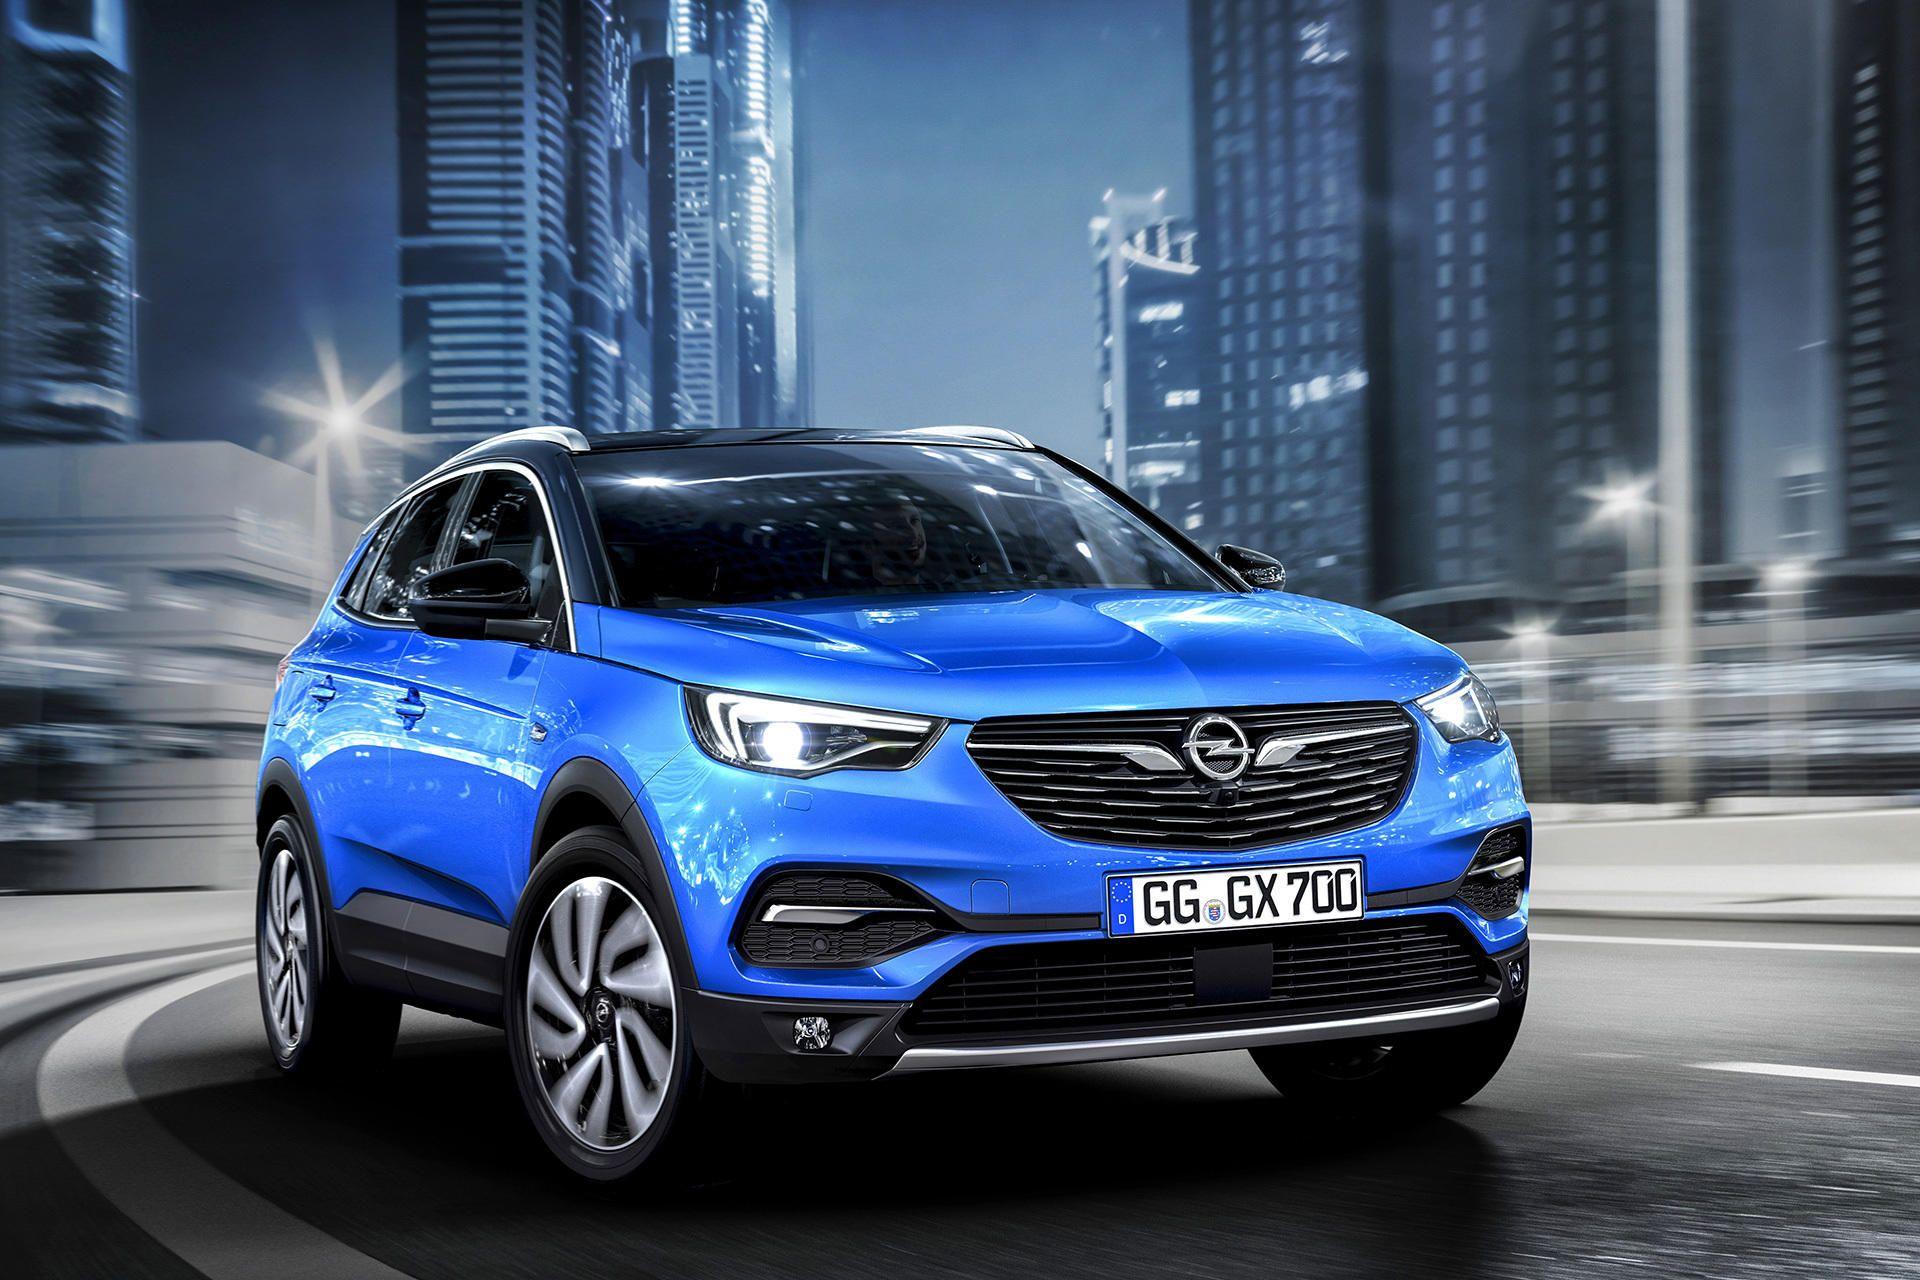 Opel Grandland X, calidad material y estética